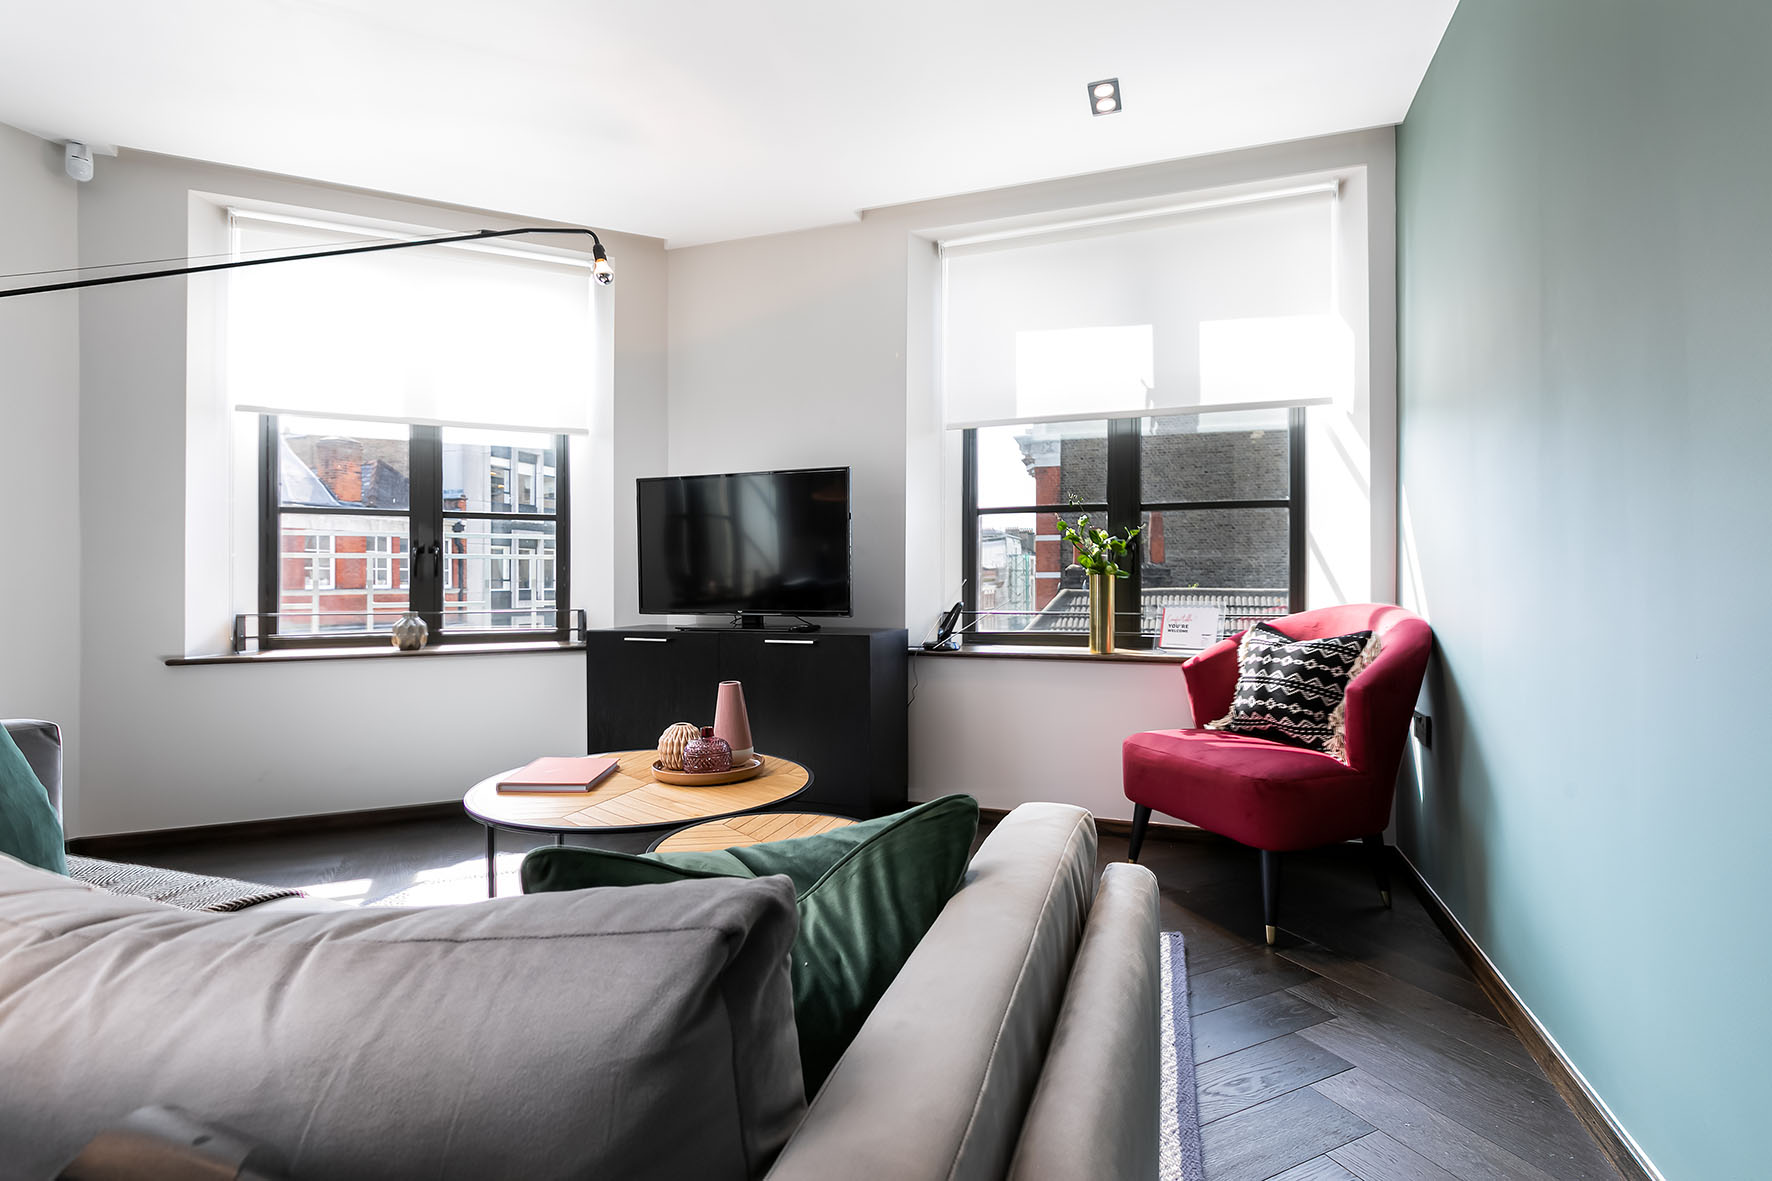 Lovelydays luxury service apartment rental - London - Soho - Noel Street VI - Lovelysuite - 2 bedrooms - 2 bathrooms - Luxury living room - 014fc1126ce2 - Lovelydays